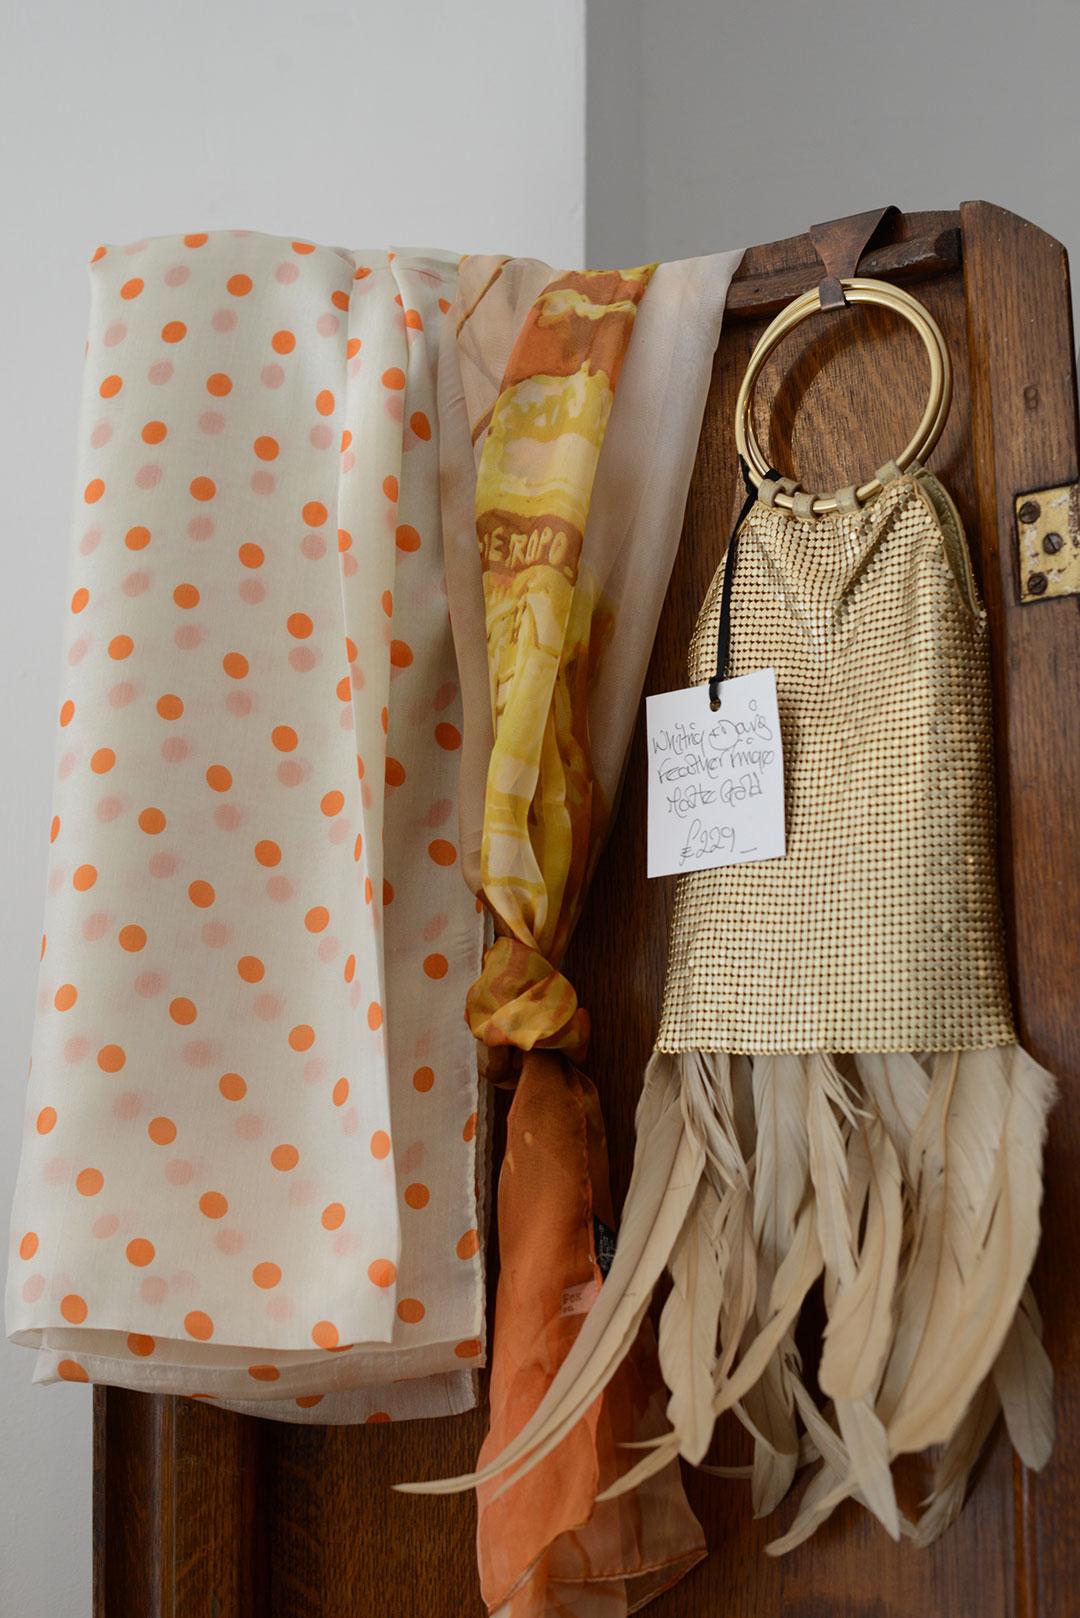 revivial retro boutique photographed by sara delaney